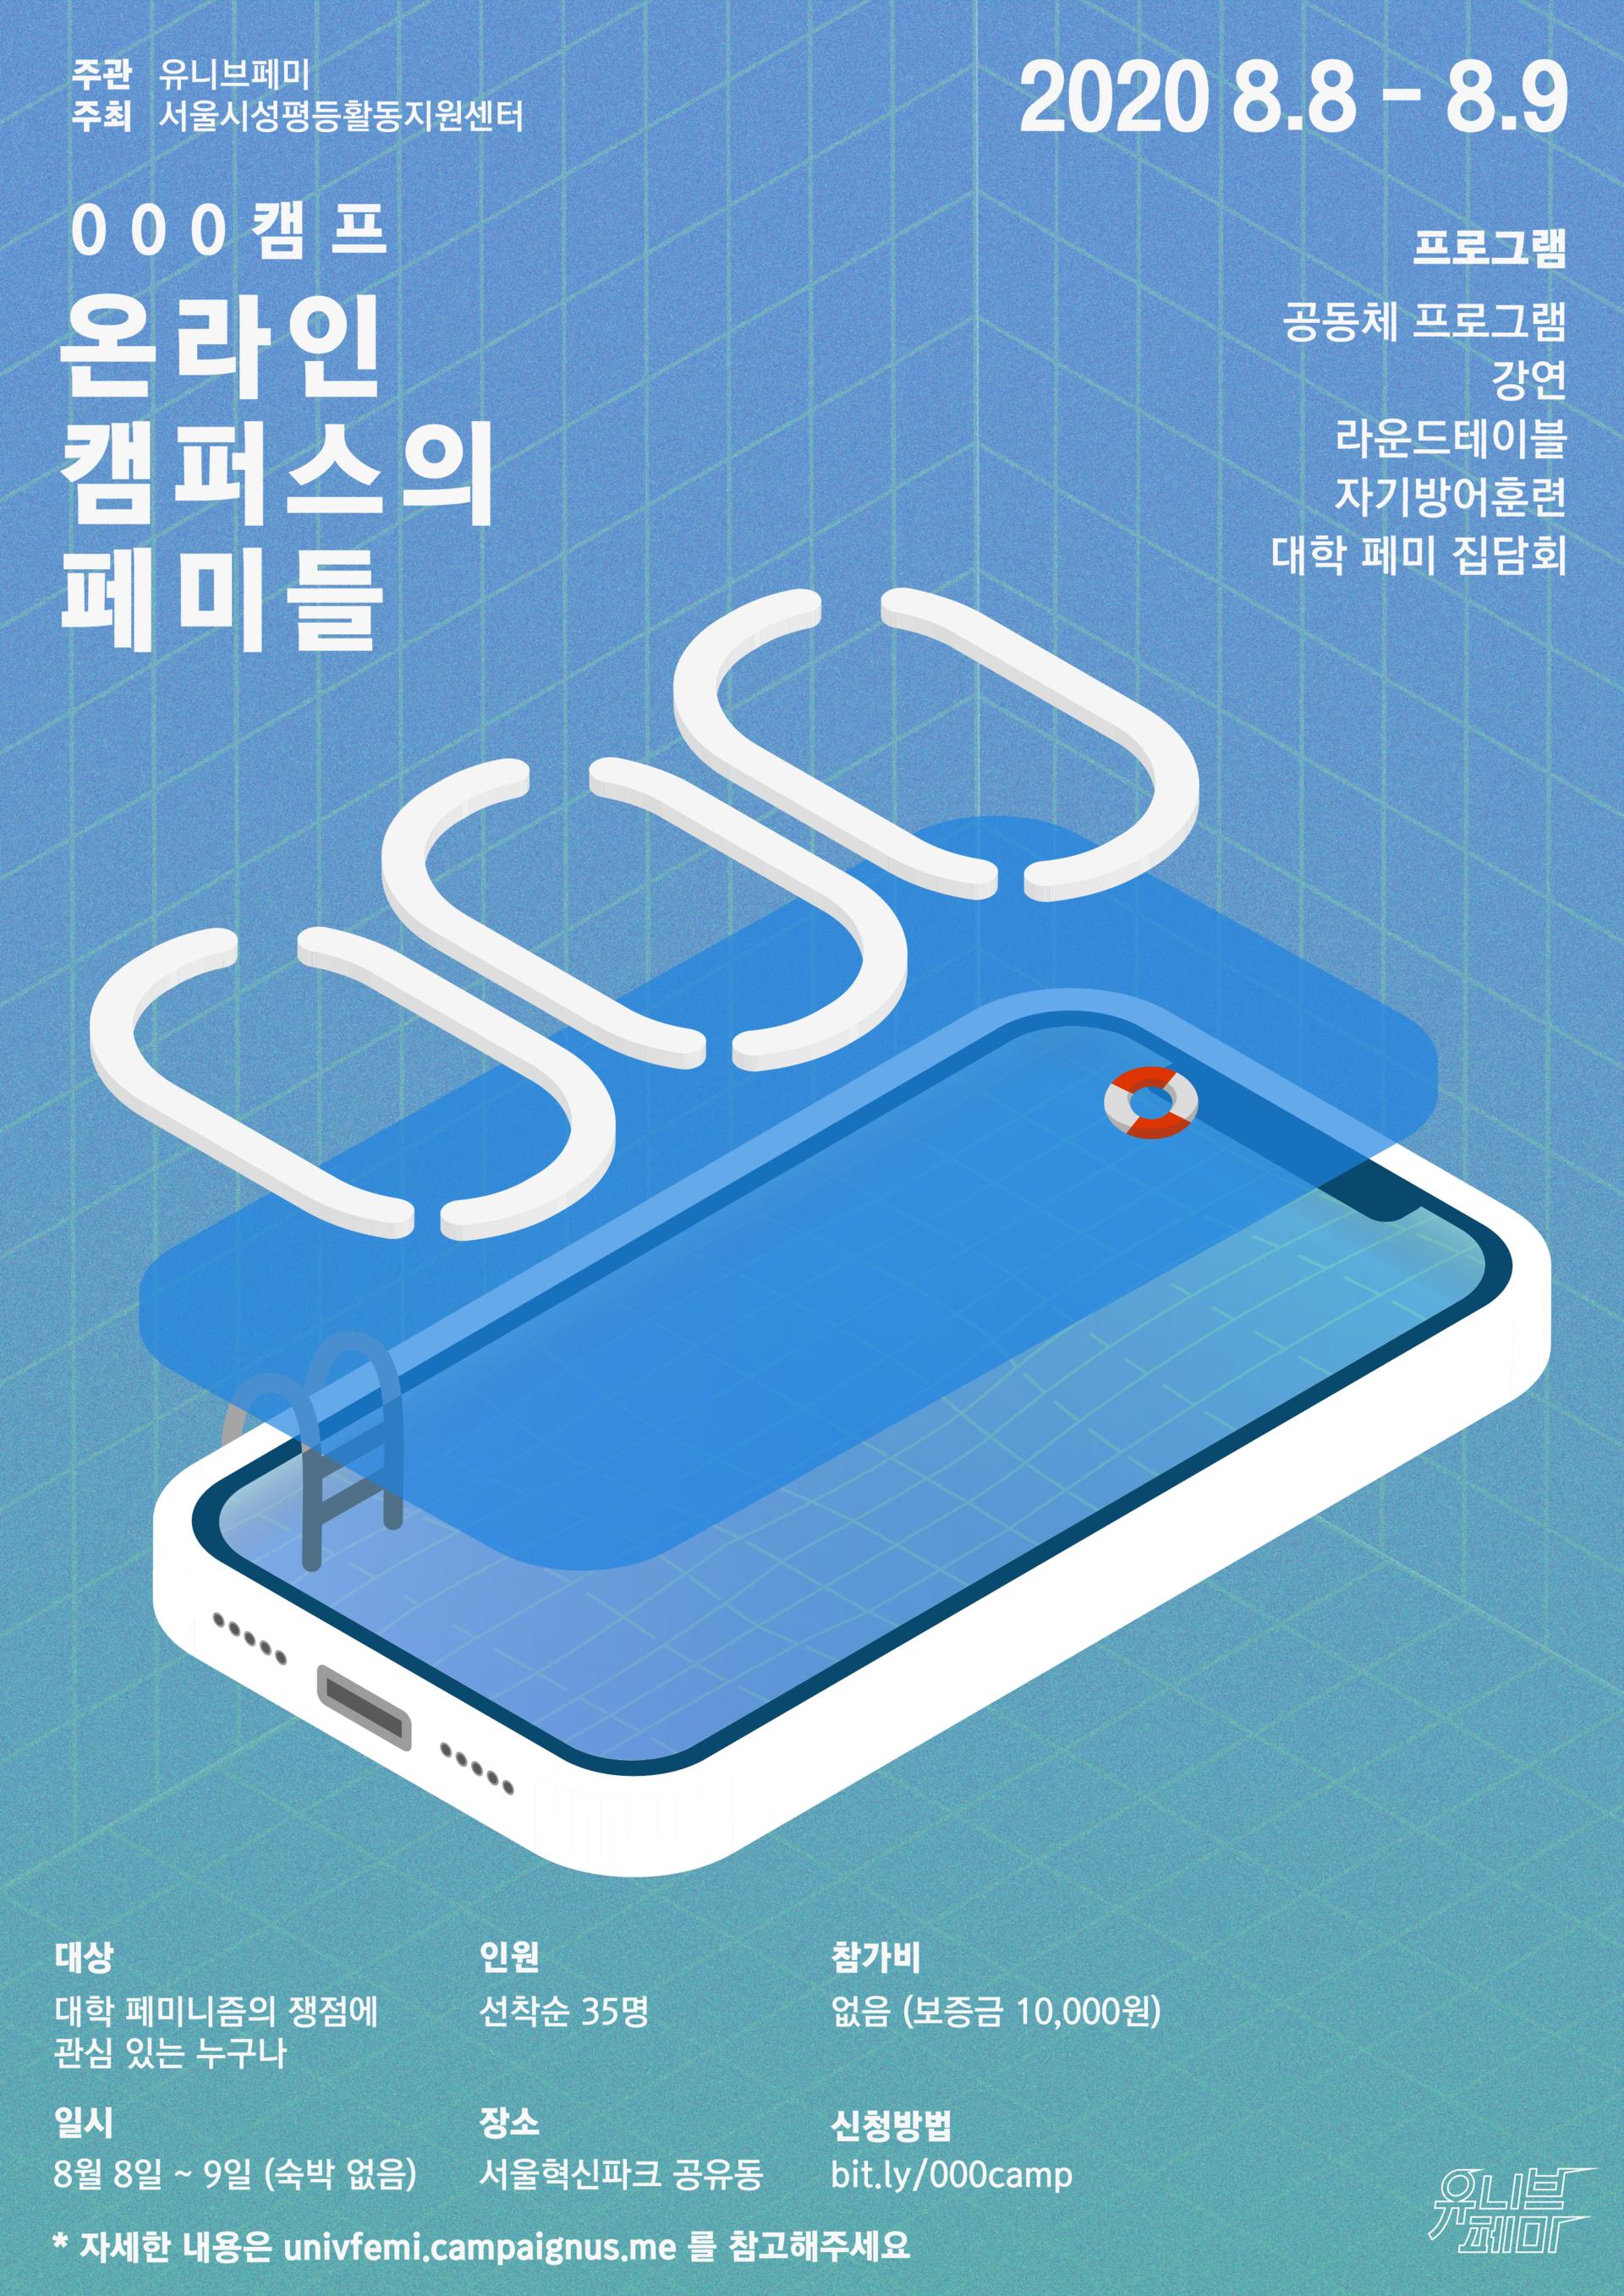 밝은 파란색 포스터, 중앙에는 스마트폰이 수영장처럼 사다리와 튜브로 꾸며진 일러스트 위에 흰 글자로 숫자 000이 있다. 왼쪽 위에는 000캠프 온라인 캠퍼스의 페미들, 주관 유니브페미, 주최 서울시성평등활동지원센터가 적혀있다. 오른쪽 위에는 2020 8.8-8.9, 프로그램 : 공동체 프로그램, 강연, 라운드테이블, 자기방어훈련, 대학 페미 집담회가 적혀있다. 아래에는 캠프에 관한 추가 정보가 적혀있다. 대상 : 대학 페미니즘의 쟁점에 관심 있는 누구나, 일시 : 8월 8일~9일 (숙박 없음), 인원 : 선착순 35명, 장소 : 서울혁신파크 공유동, 참가비 : 없음 (보증금 10,000원), 신청방법 : bit.ly/000camp, 자세한 내용은 univfemi.campaignus.me 를 참고해주세요. 오른쪽 아래에 유니브페미 로고가 있다.